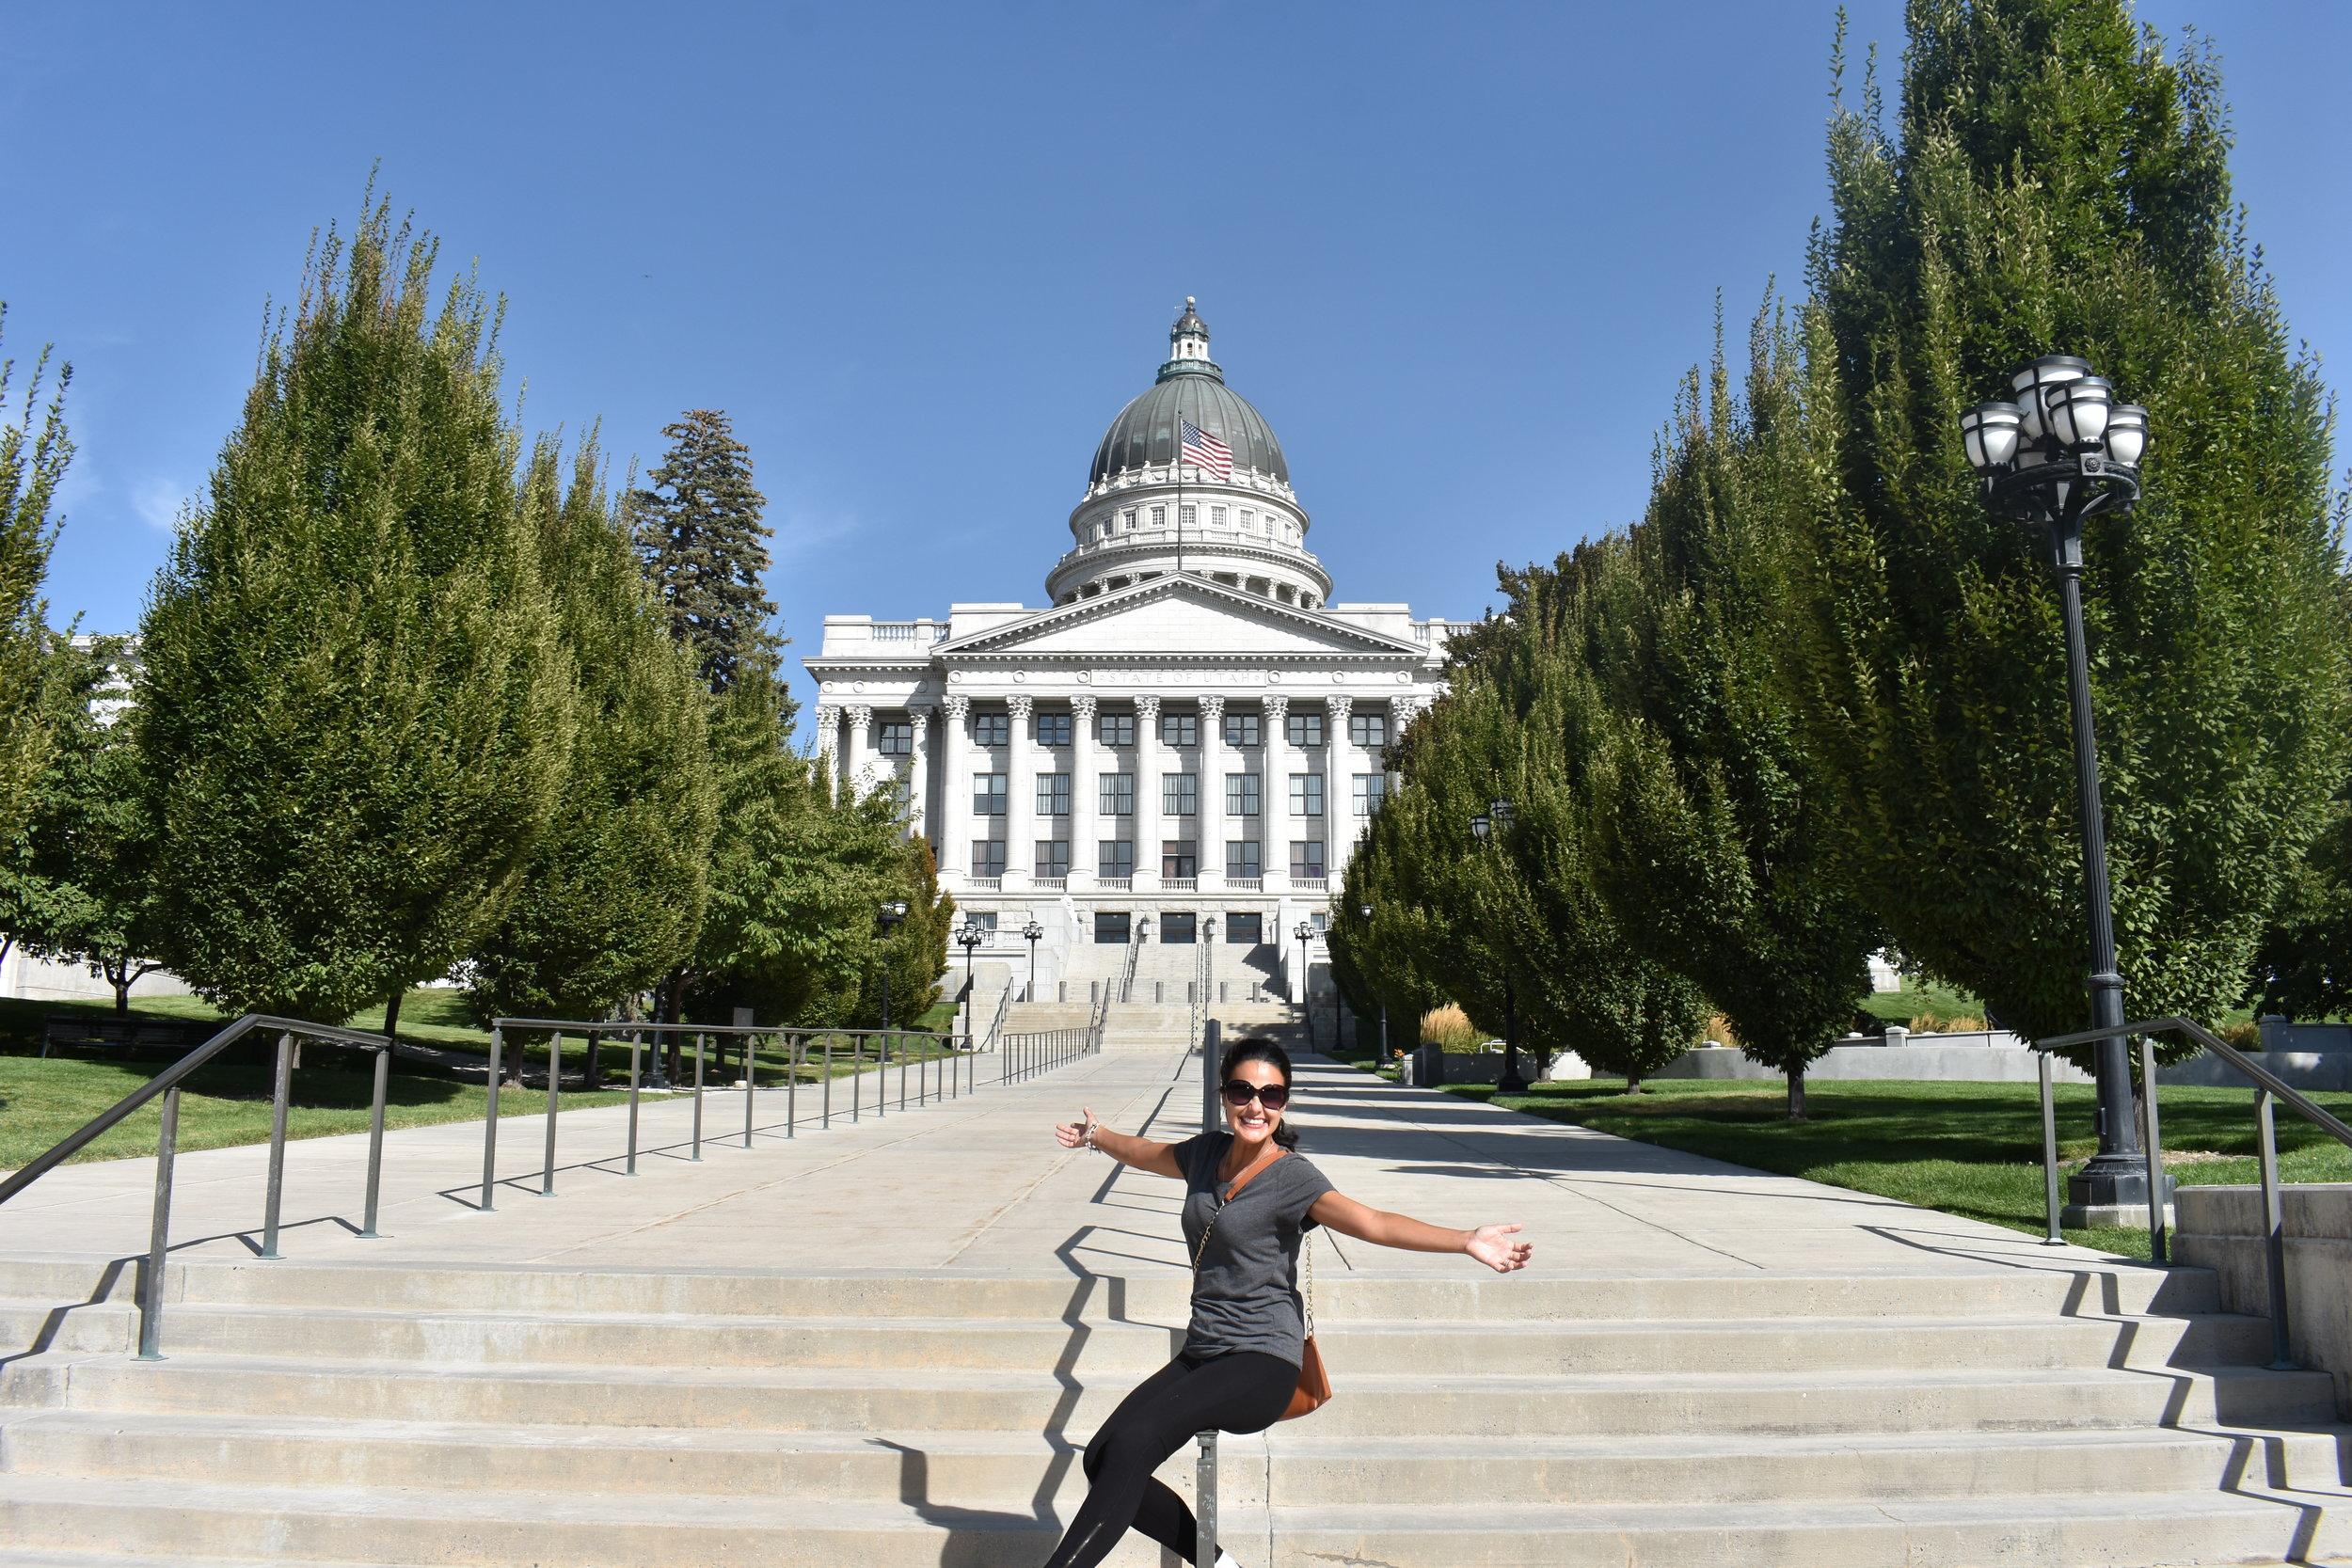 Utah: uma viagem feita de surpresa! Estava em São Francisco e embarquei para esse destino!